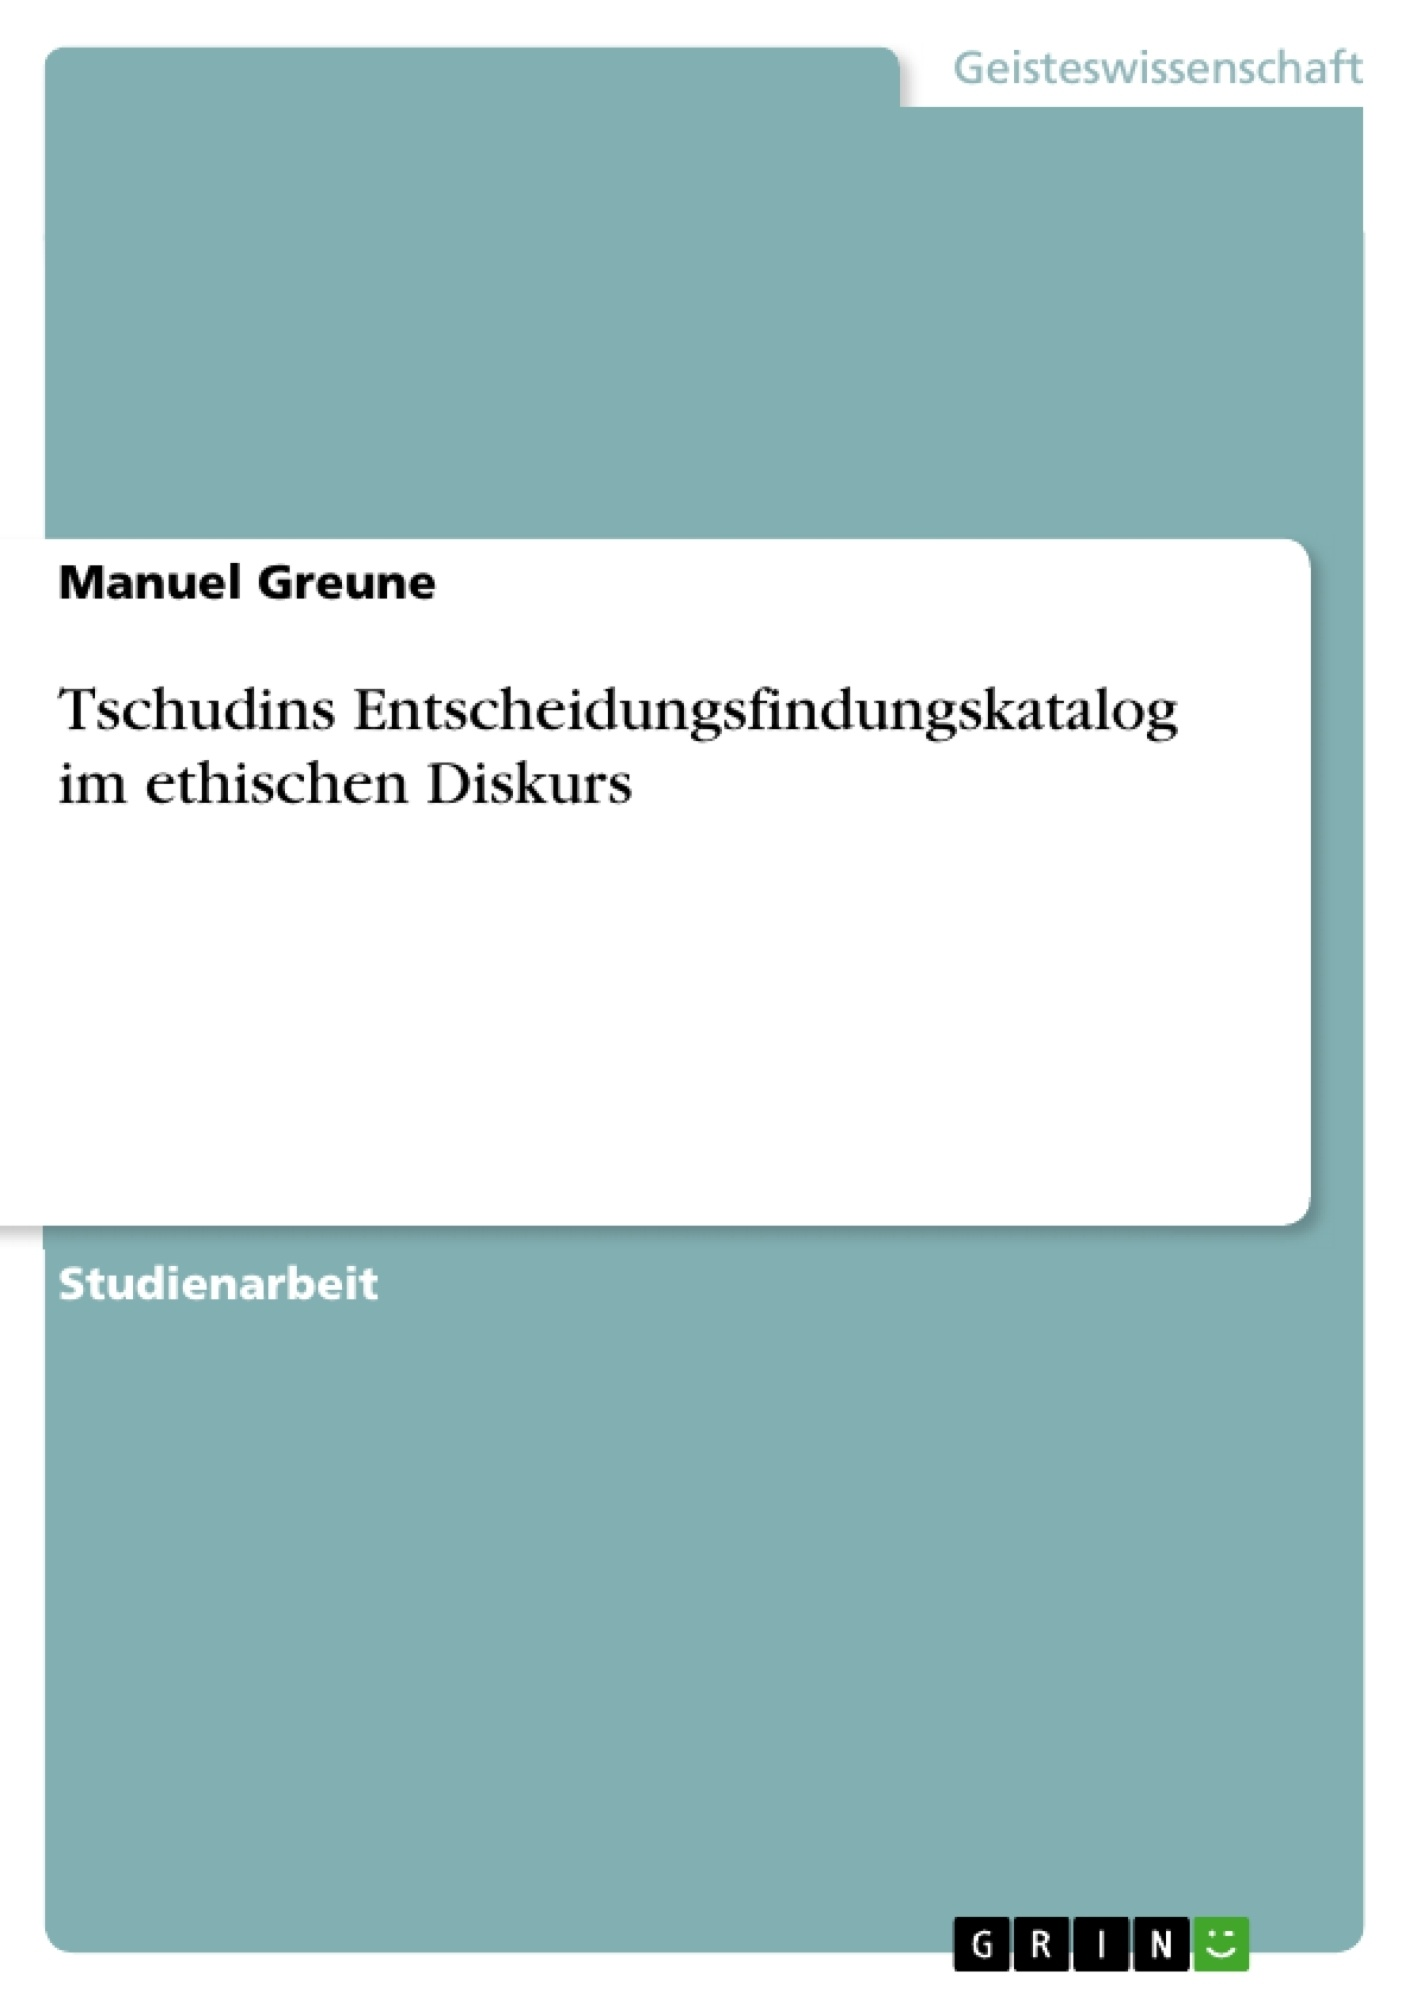 Titel: Tschudins Entscheidungsfindungskatalog im ethischen Diskurs